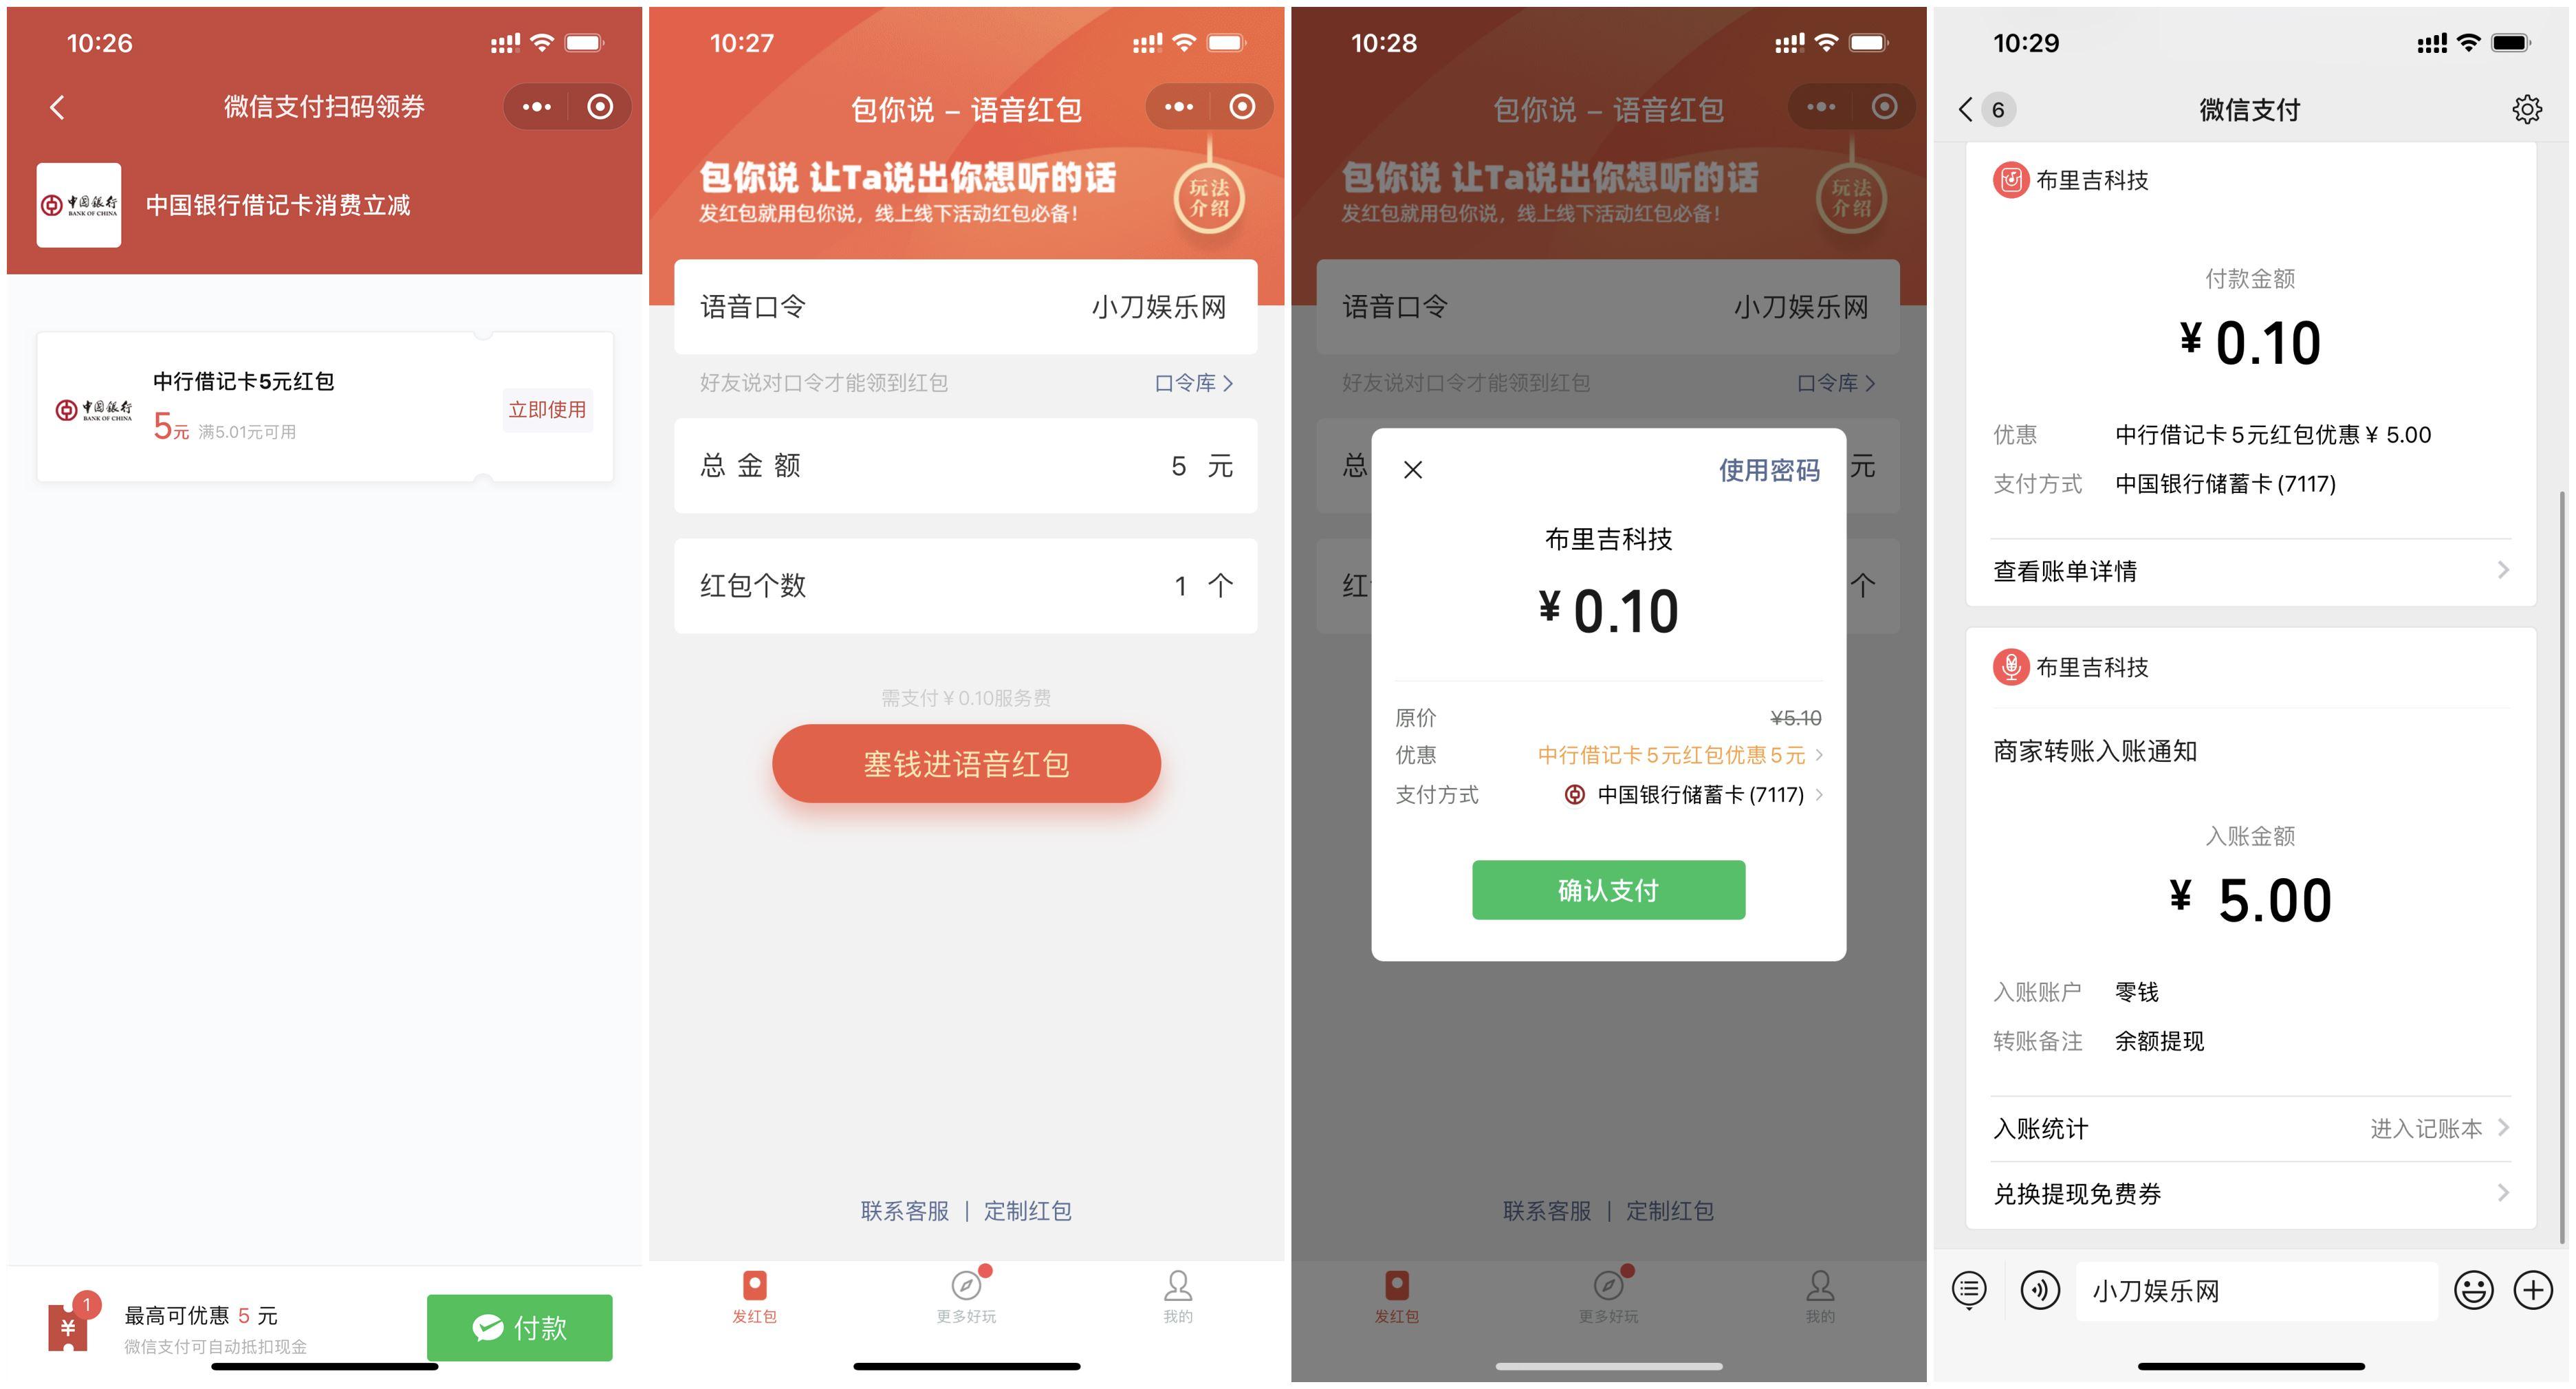 中国银行老用户领5元立减金